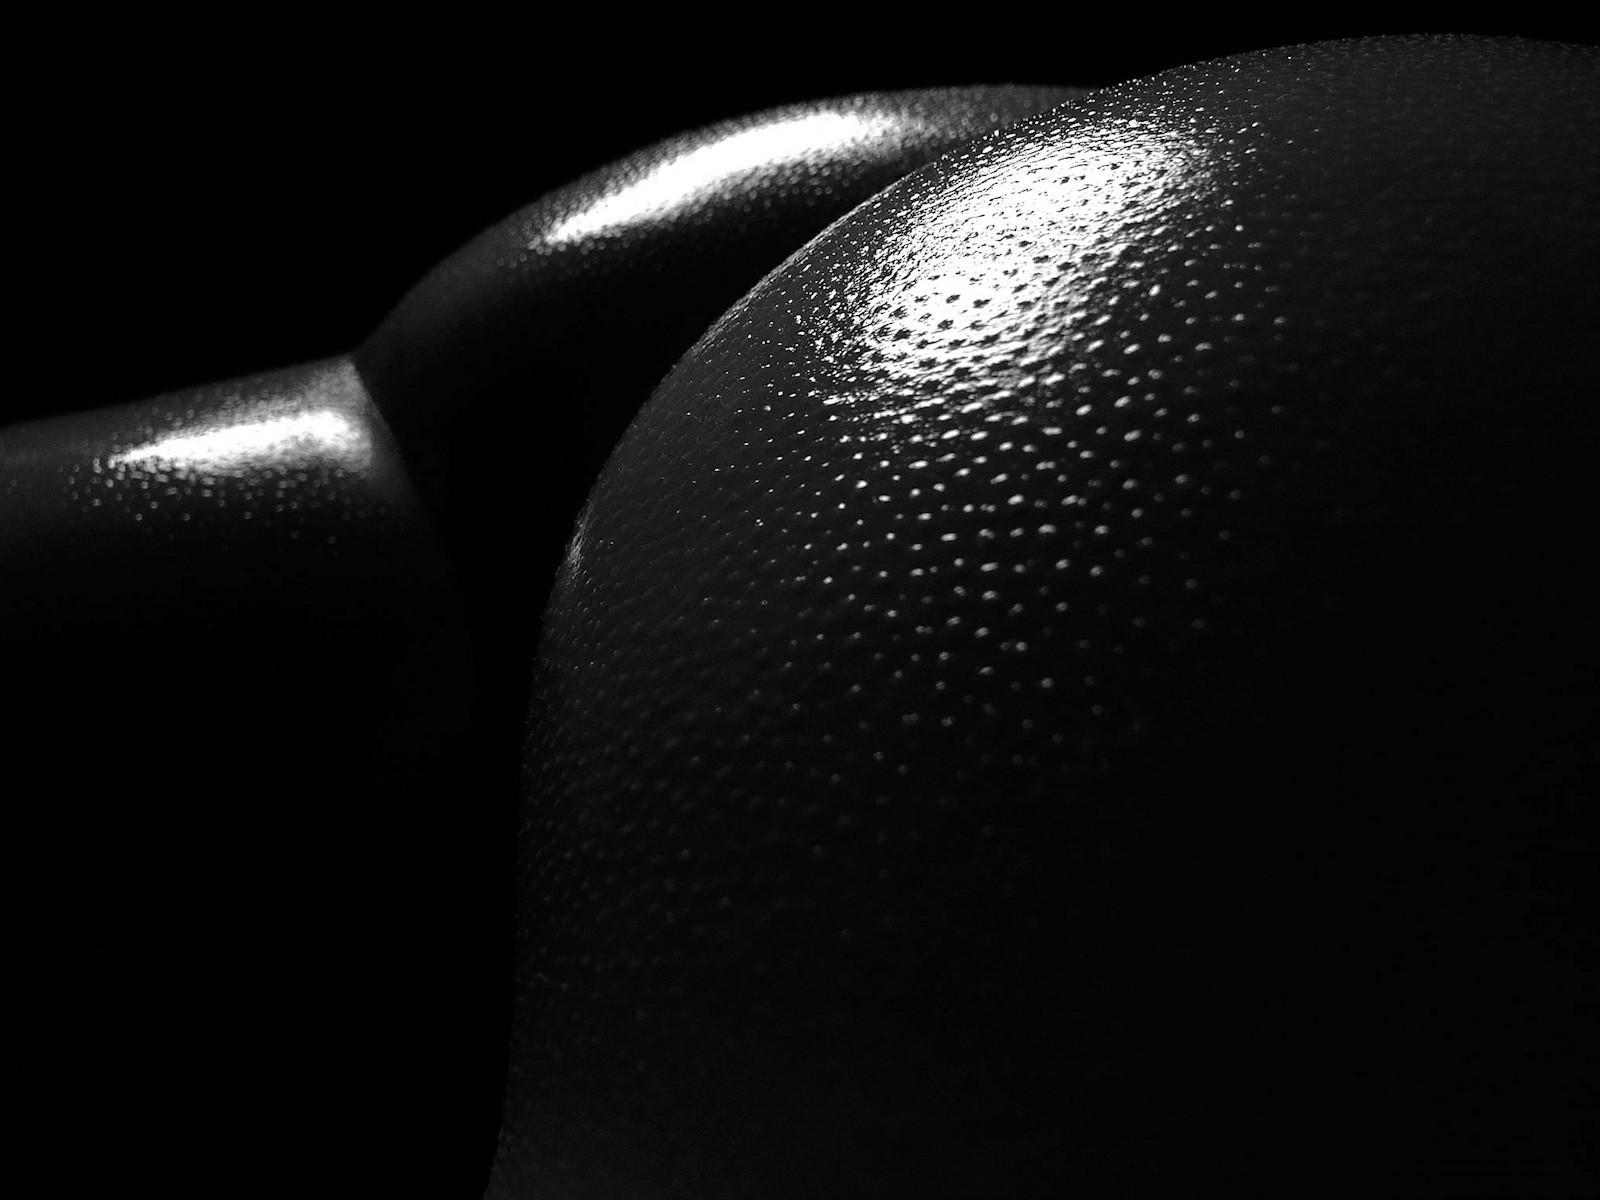 Черные попка фото, минет прилюдно онлайн